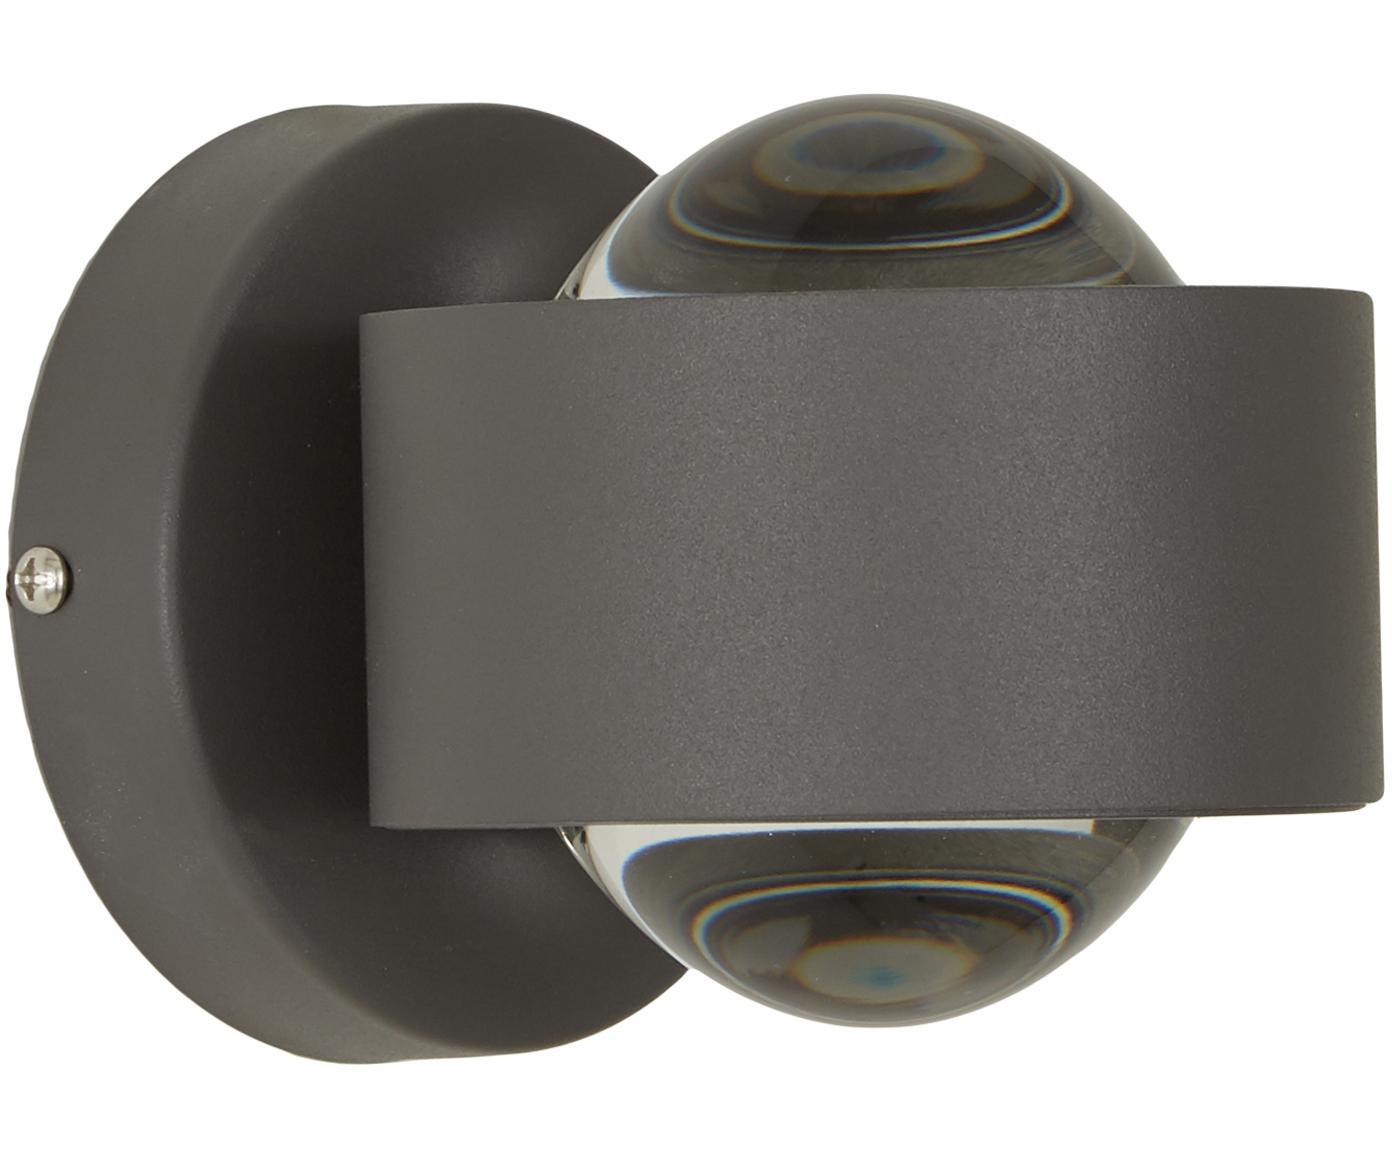 Kinkiet LED XS Ono, Czarny, S 9 x W 8 cm